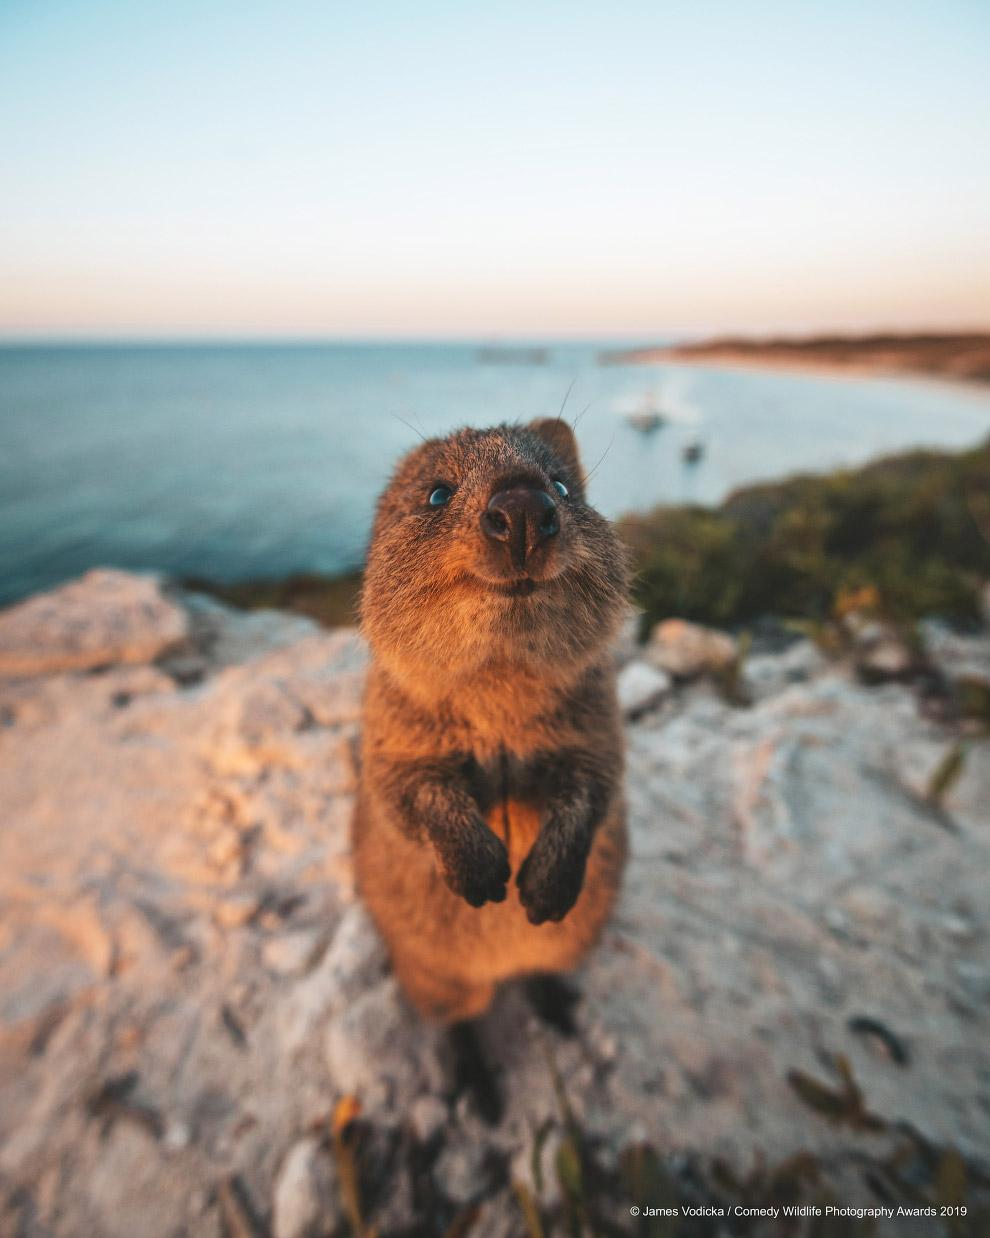 Снимки финалистов фотоконкурса Comedy Wildlife Photography Awards 2019